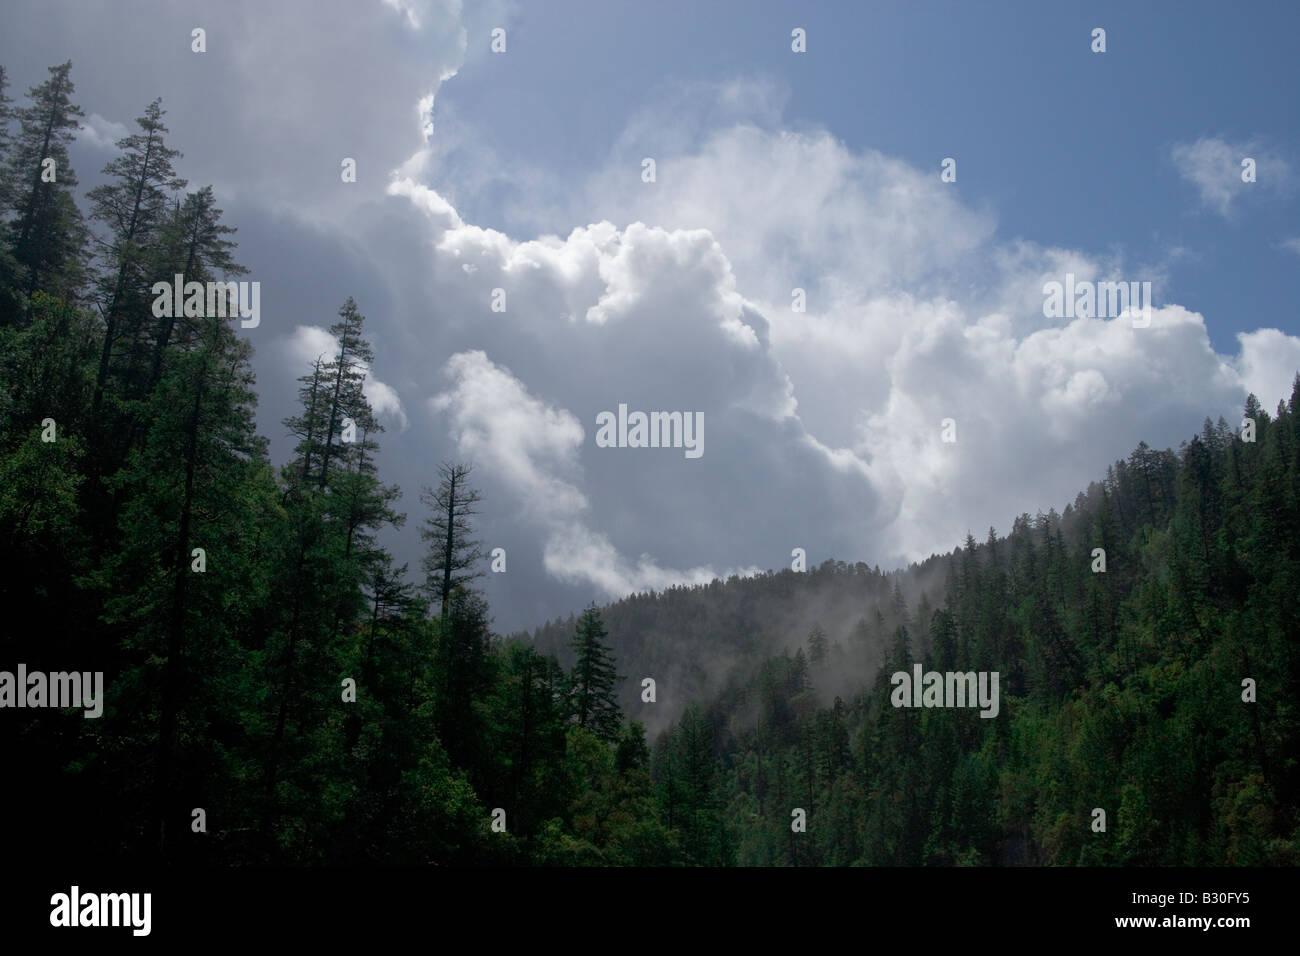 Dissiper les nuages et la brume s'élève de la forêt dans le nord de la Californie montagnes Siskiyou Photo Stock